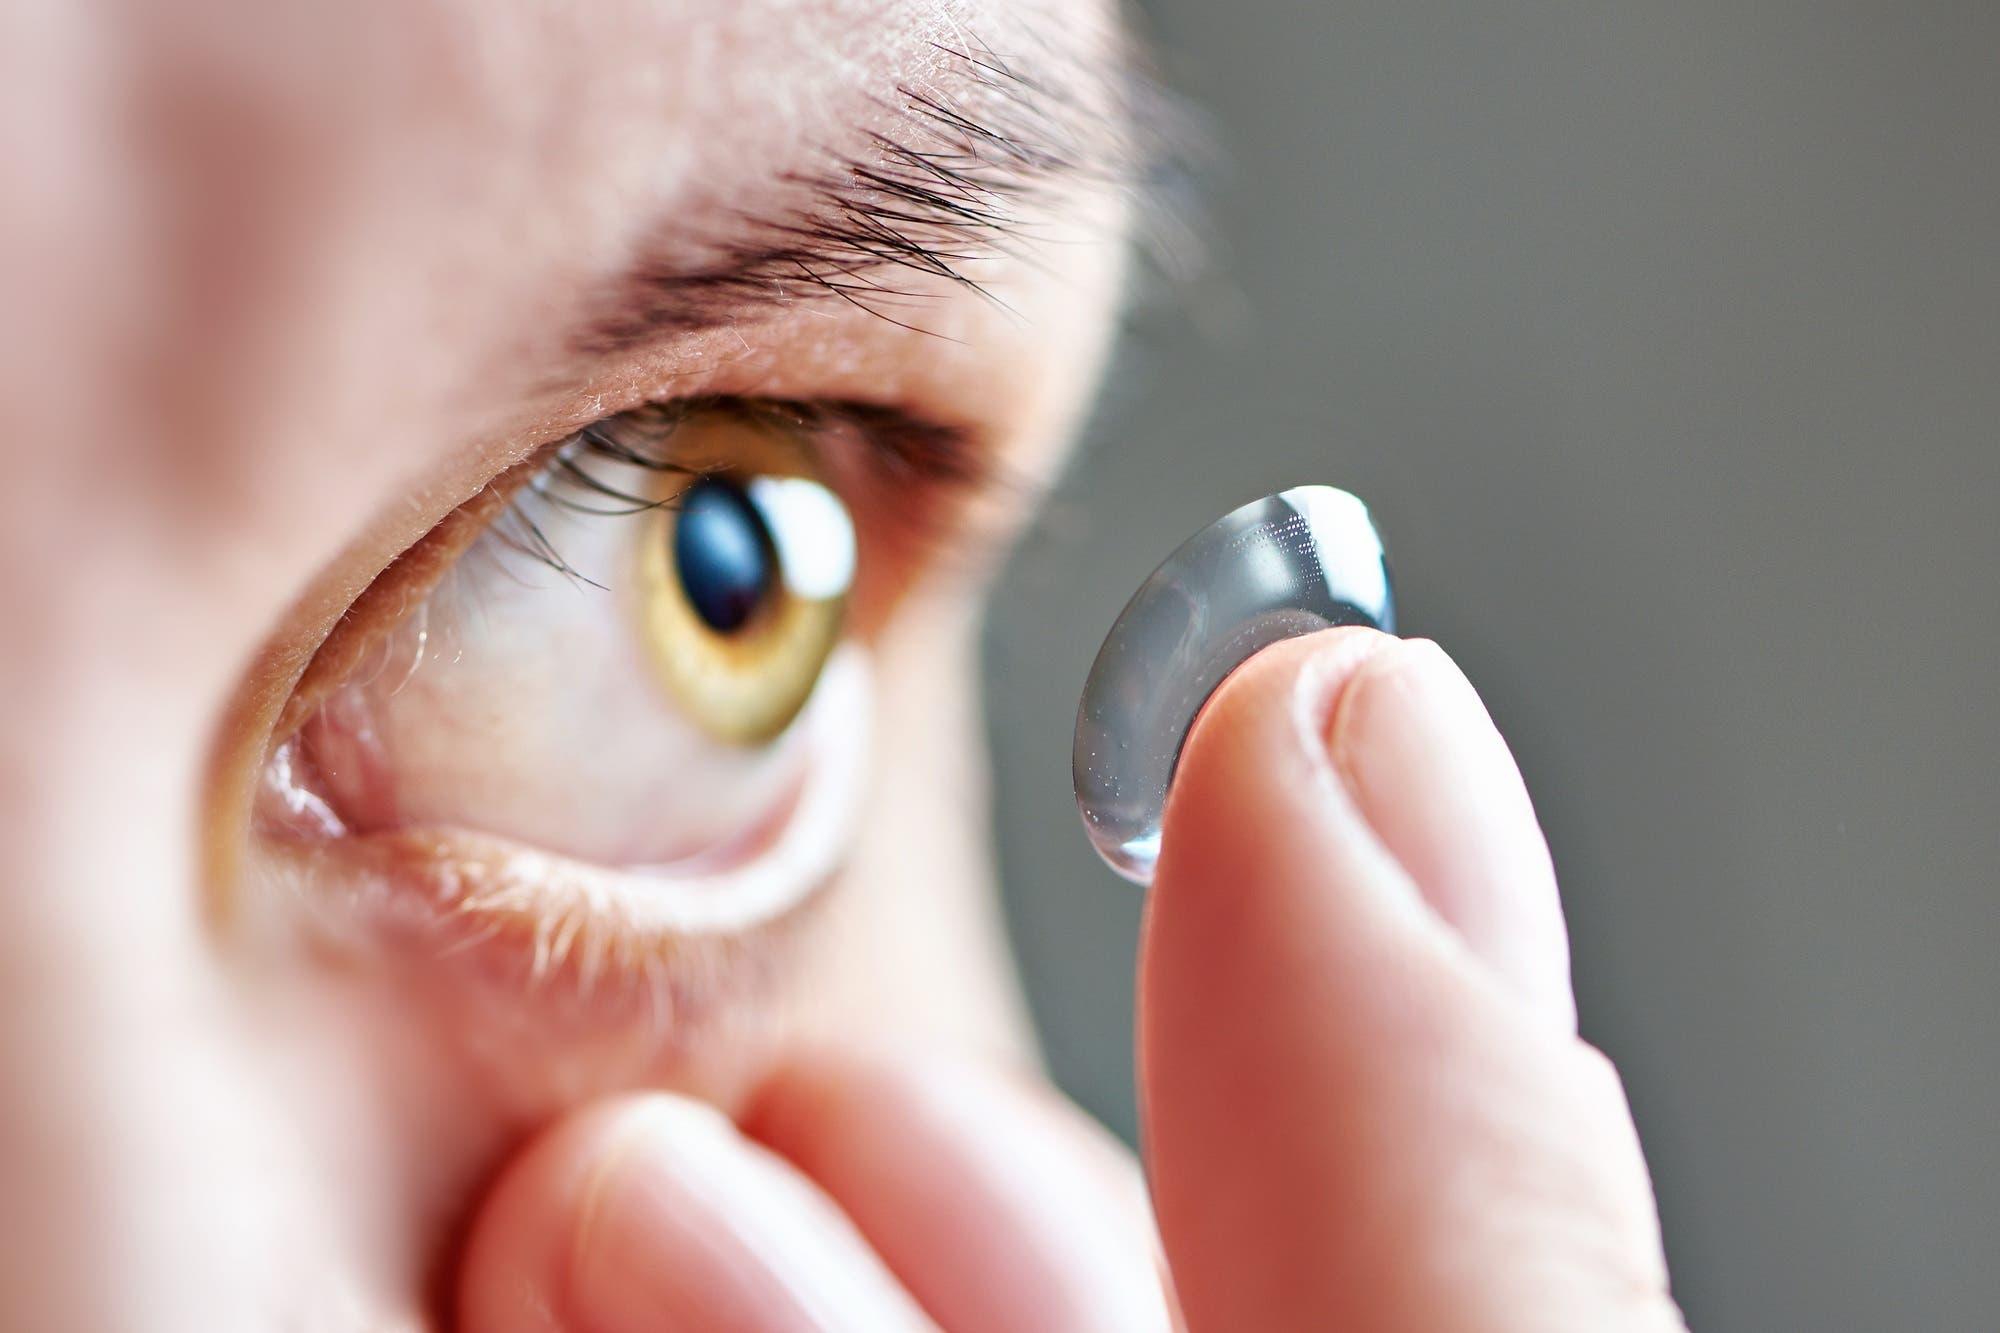 Crean lentes de contacto con zoom: se activan con un doble pestañeo